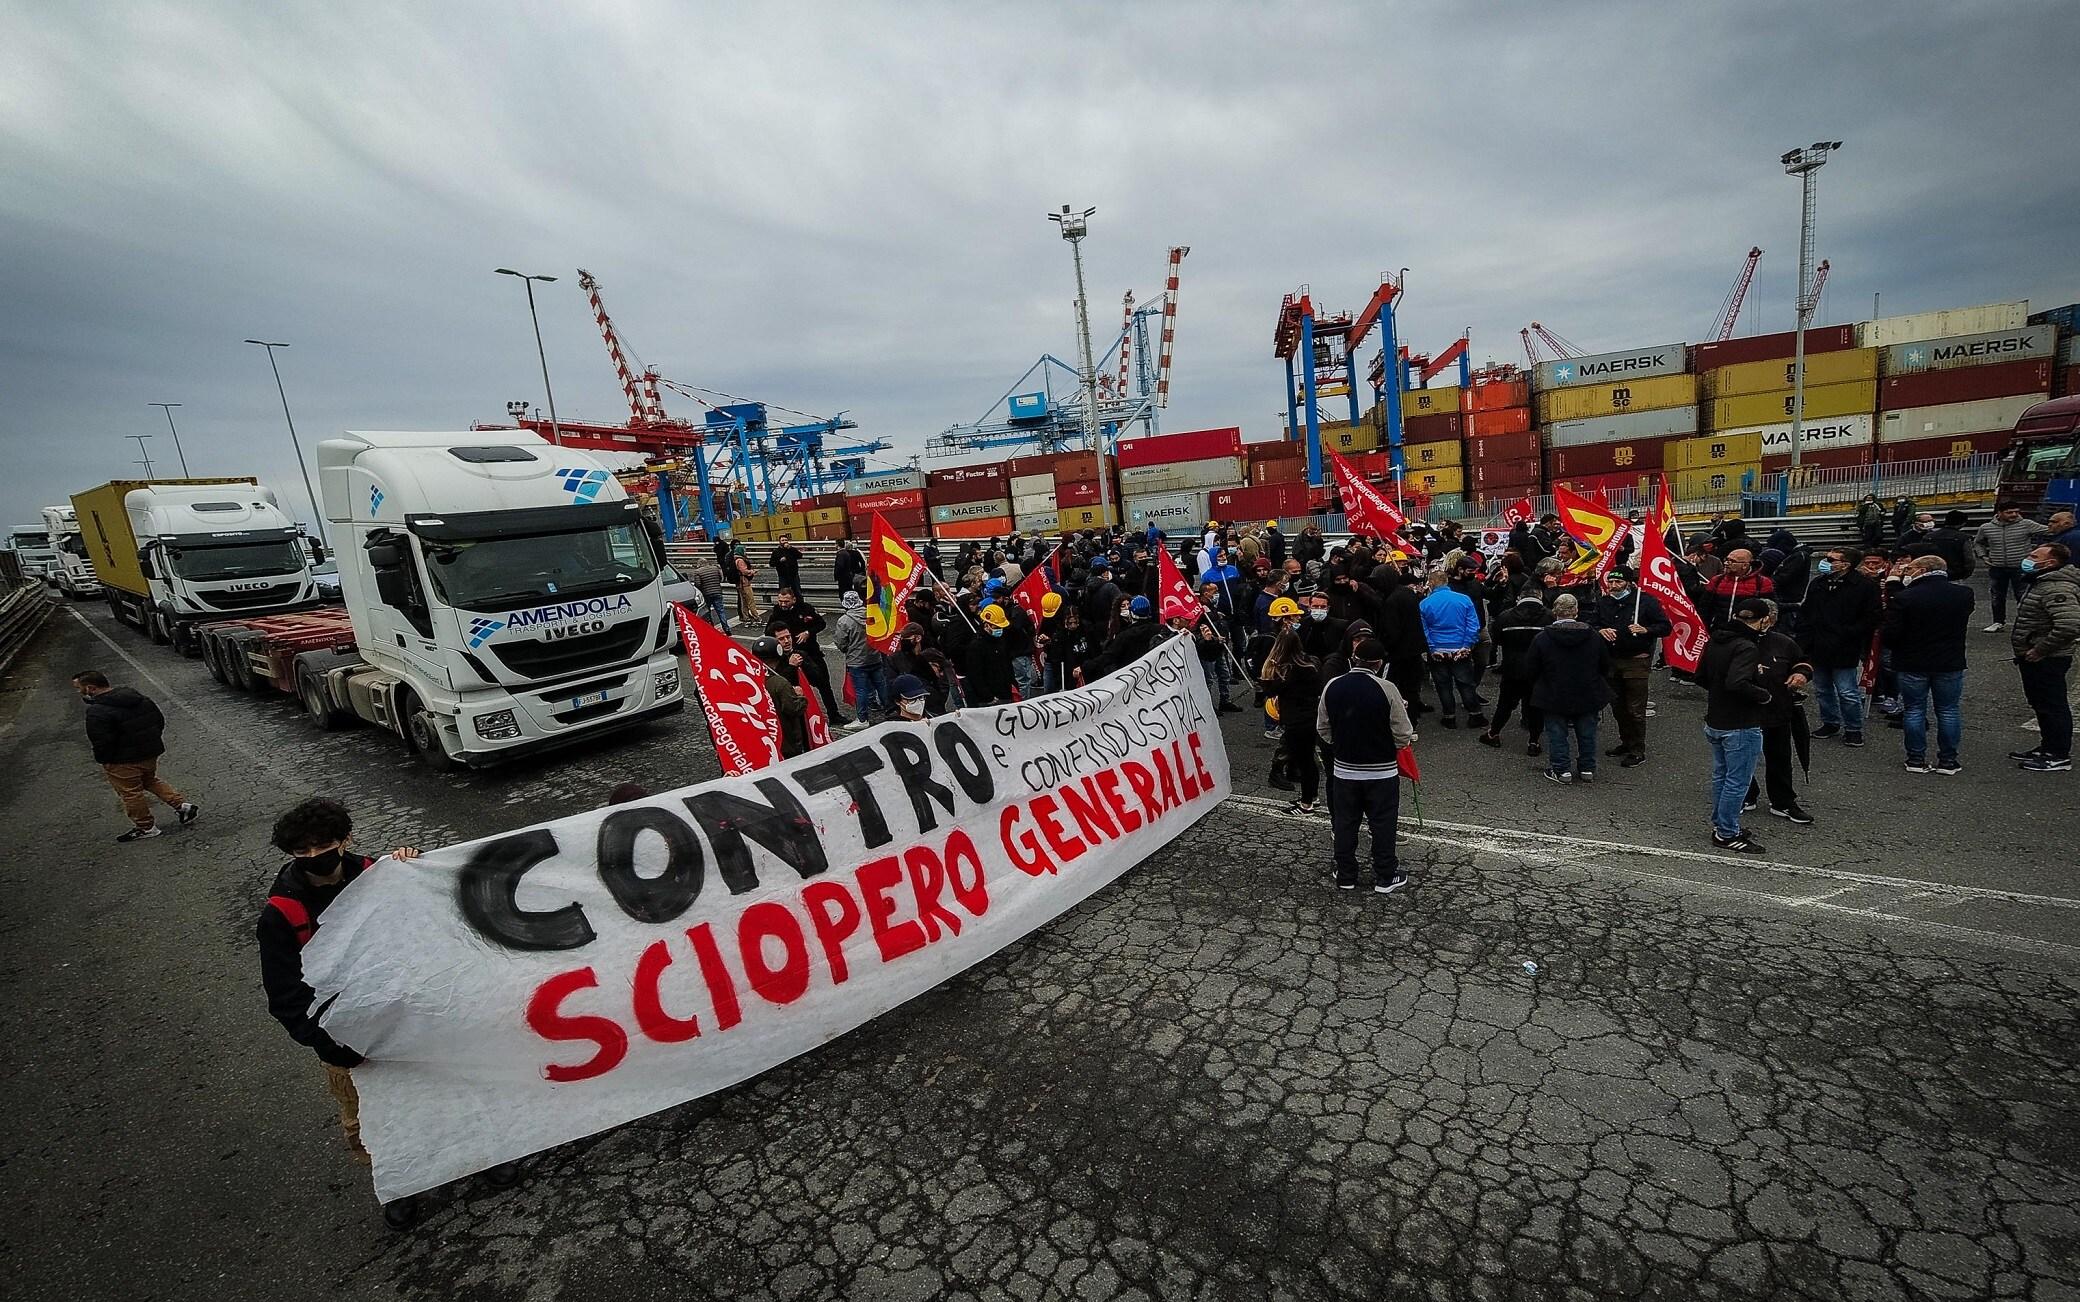 Un momento della protesta dei Centri sociali e dei disoccupati che occupano rampa di accesso alle autostrade, Napoli, 11 Ottobre 2021. ANSA/CESARE ABBATE